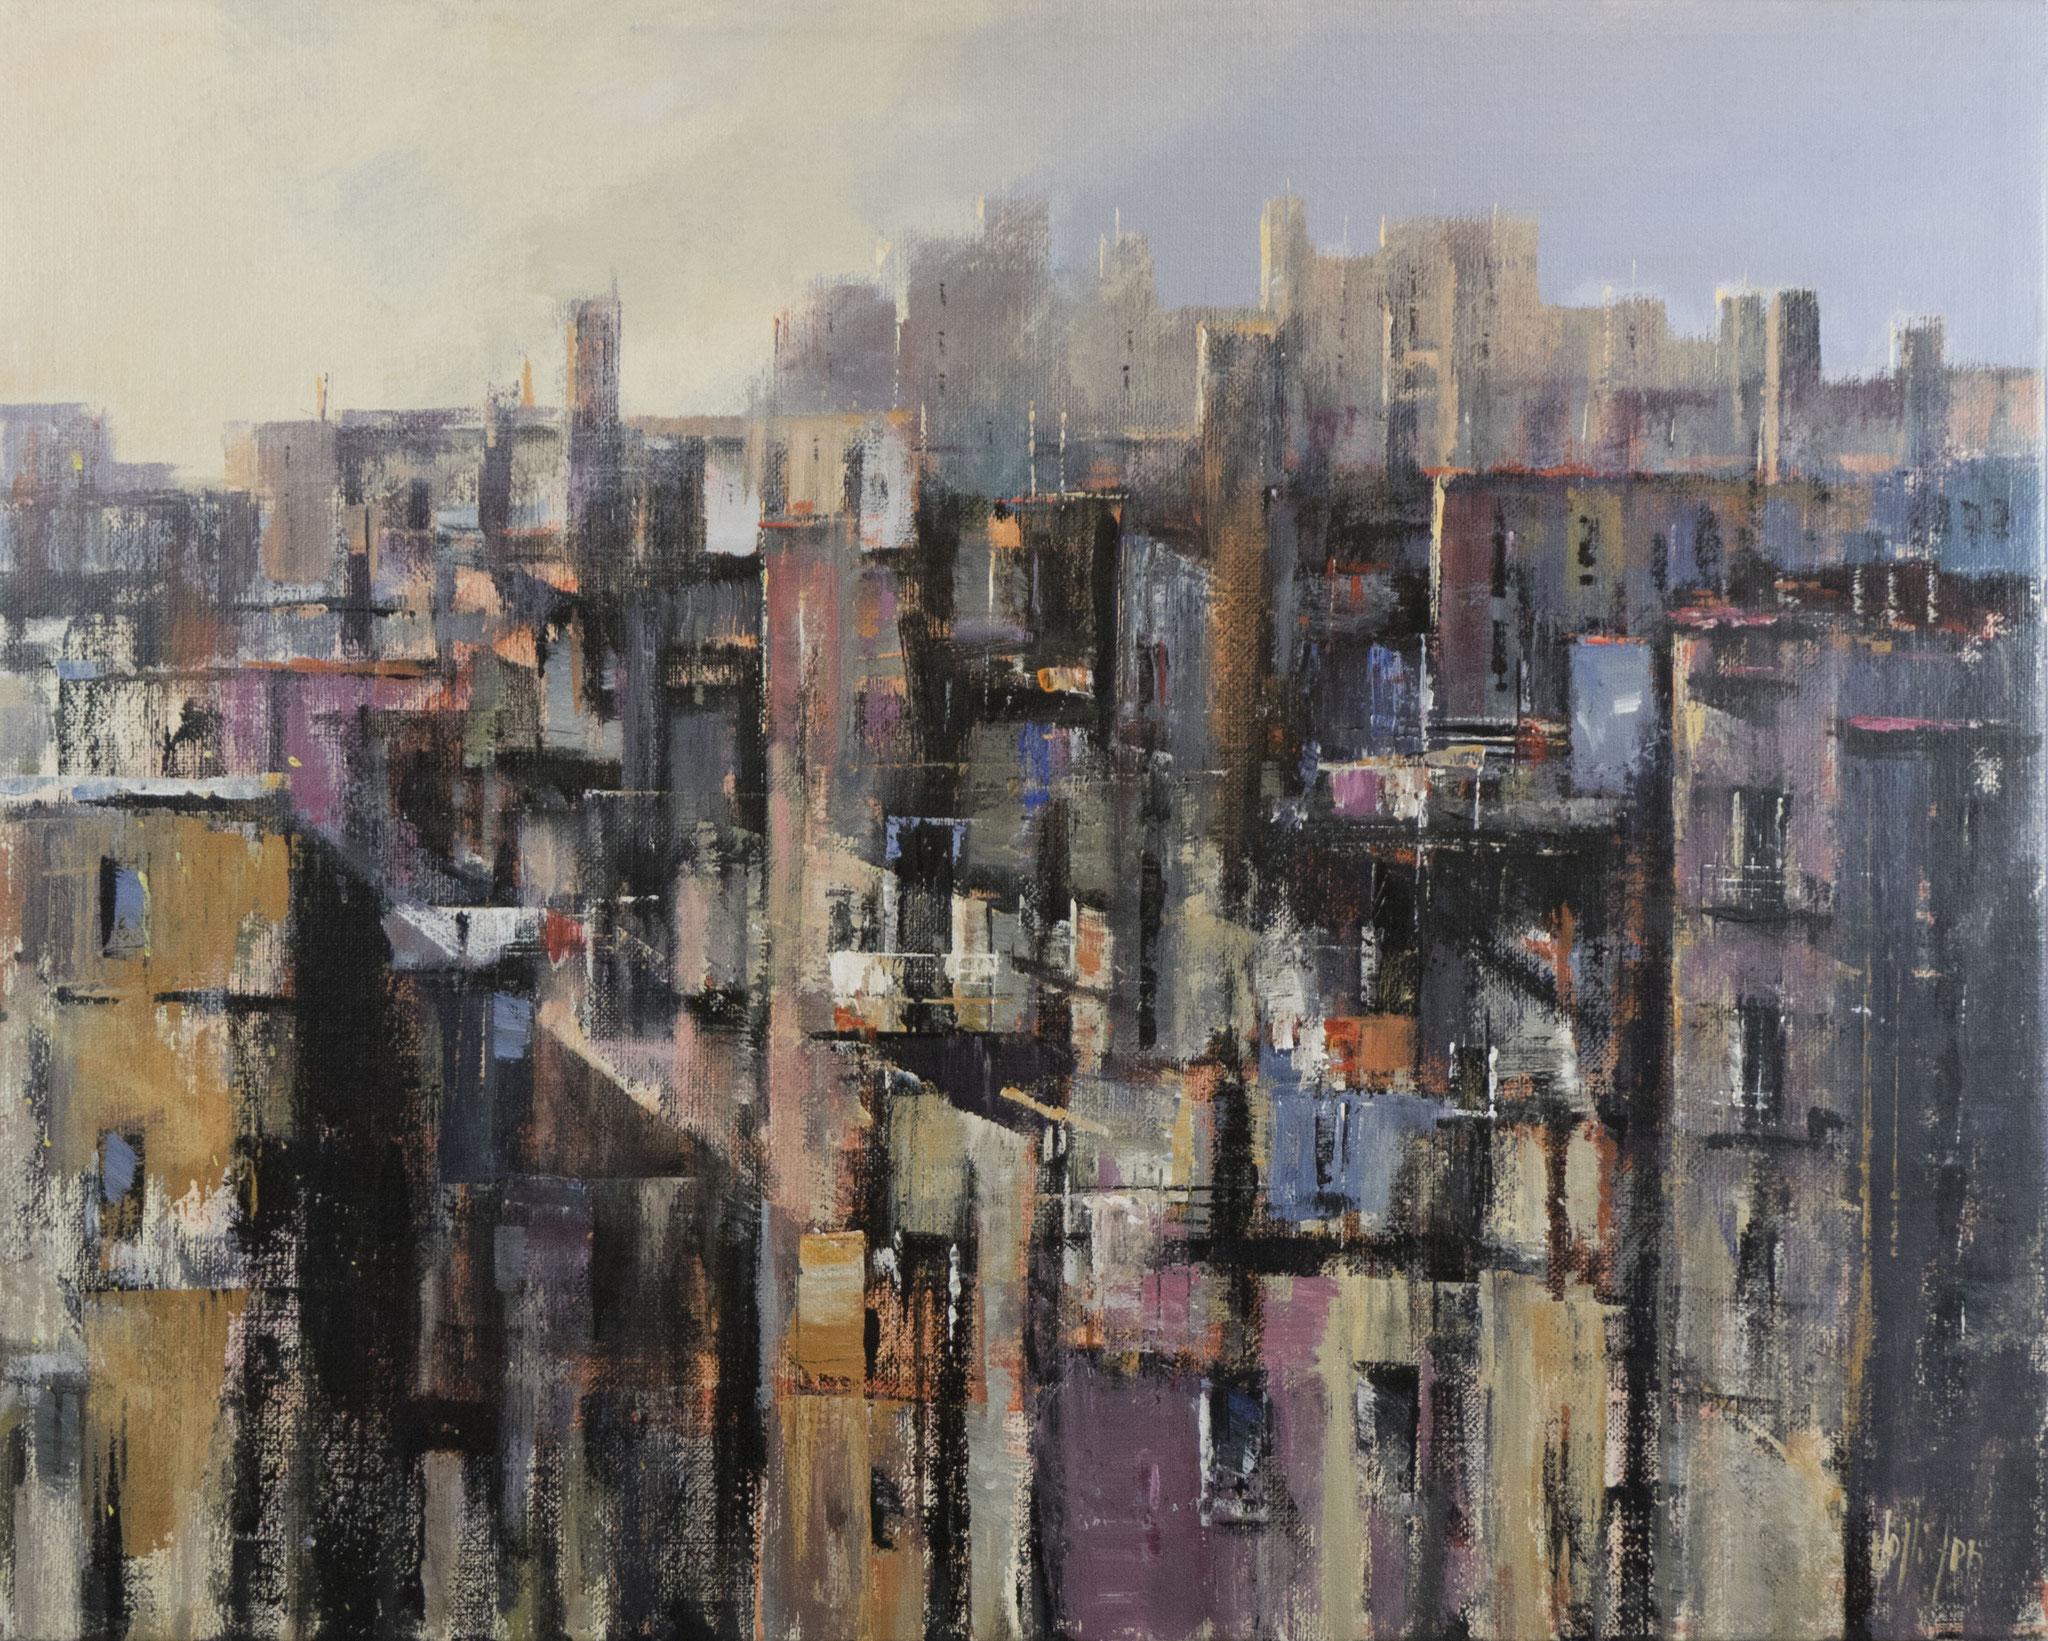 """""""Dimore la citta che muore"""" 2005 - Öl auf Leinwand - 100x80 cm"""